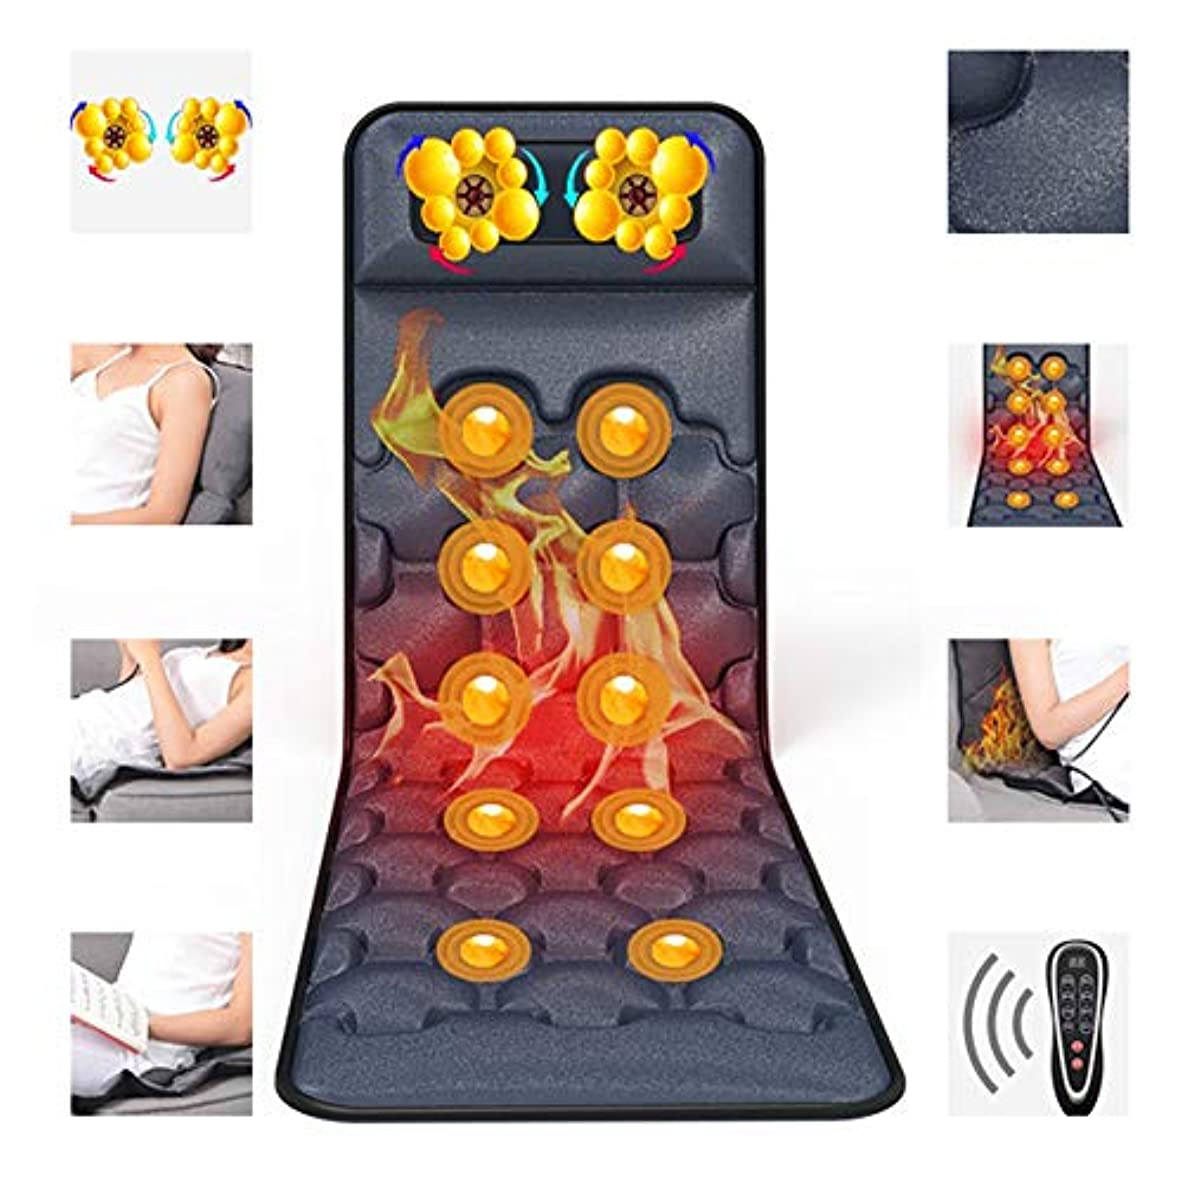 ジョットディボンドンドラムストレスの多いアッパー/腰腰下肢の痛みを軽減するピンポイントマッサージ用パッドのマッサージマットマットレス多機能暖房セラピーマッサージマッサージフルボディ、